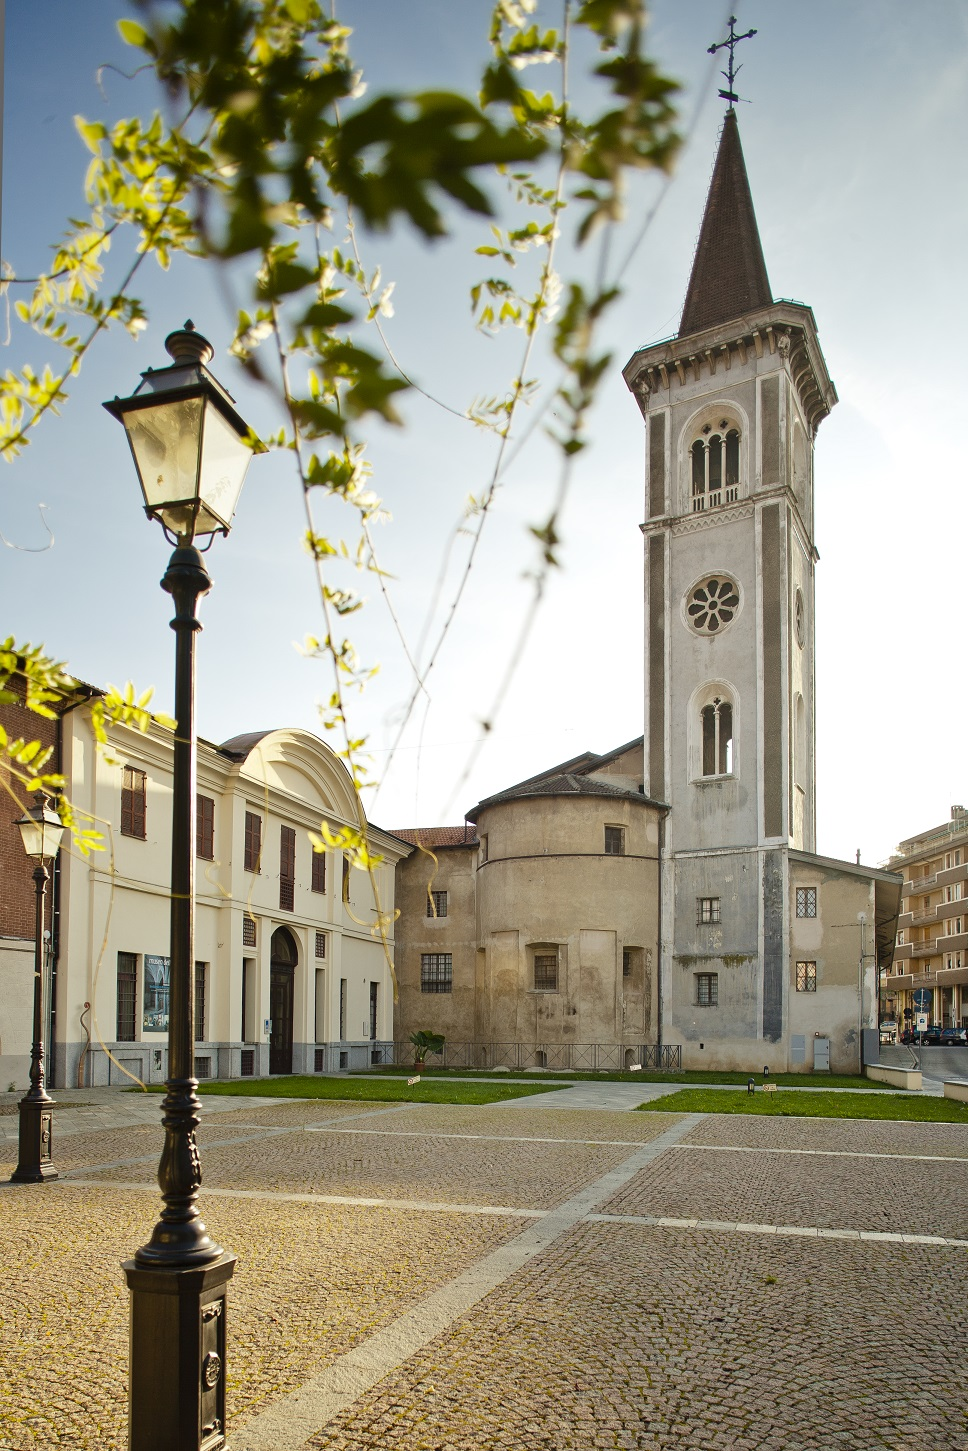 Borgo_San_Dalmazzo__Chiesa_parrocchiale__vista_posteriore